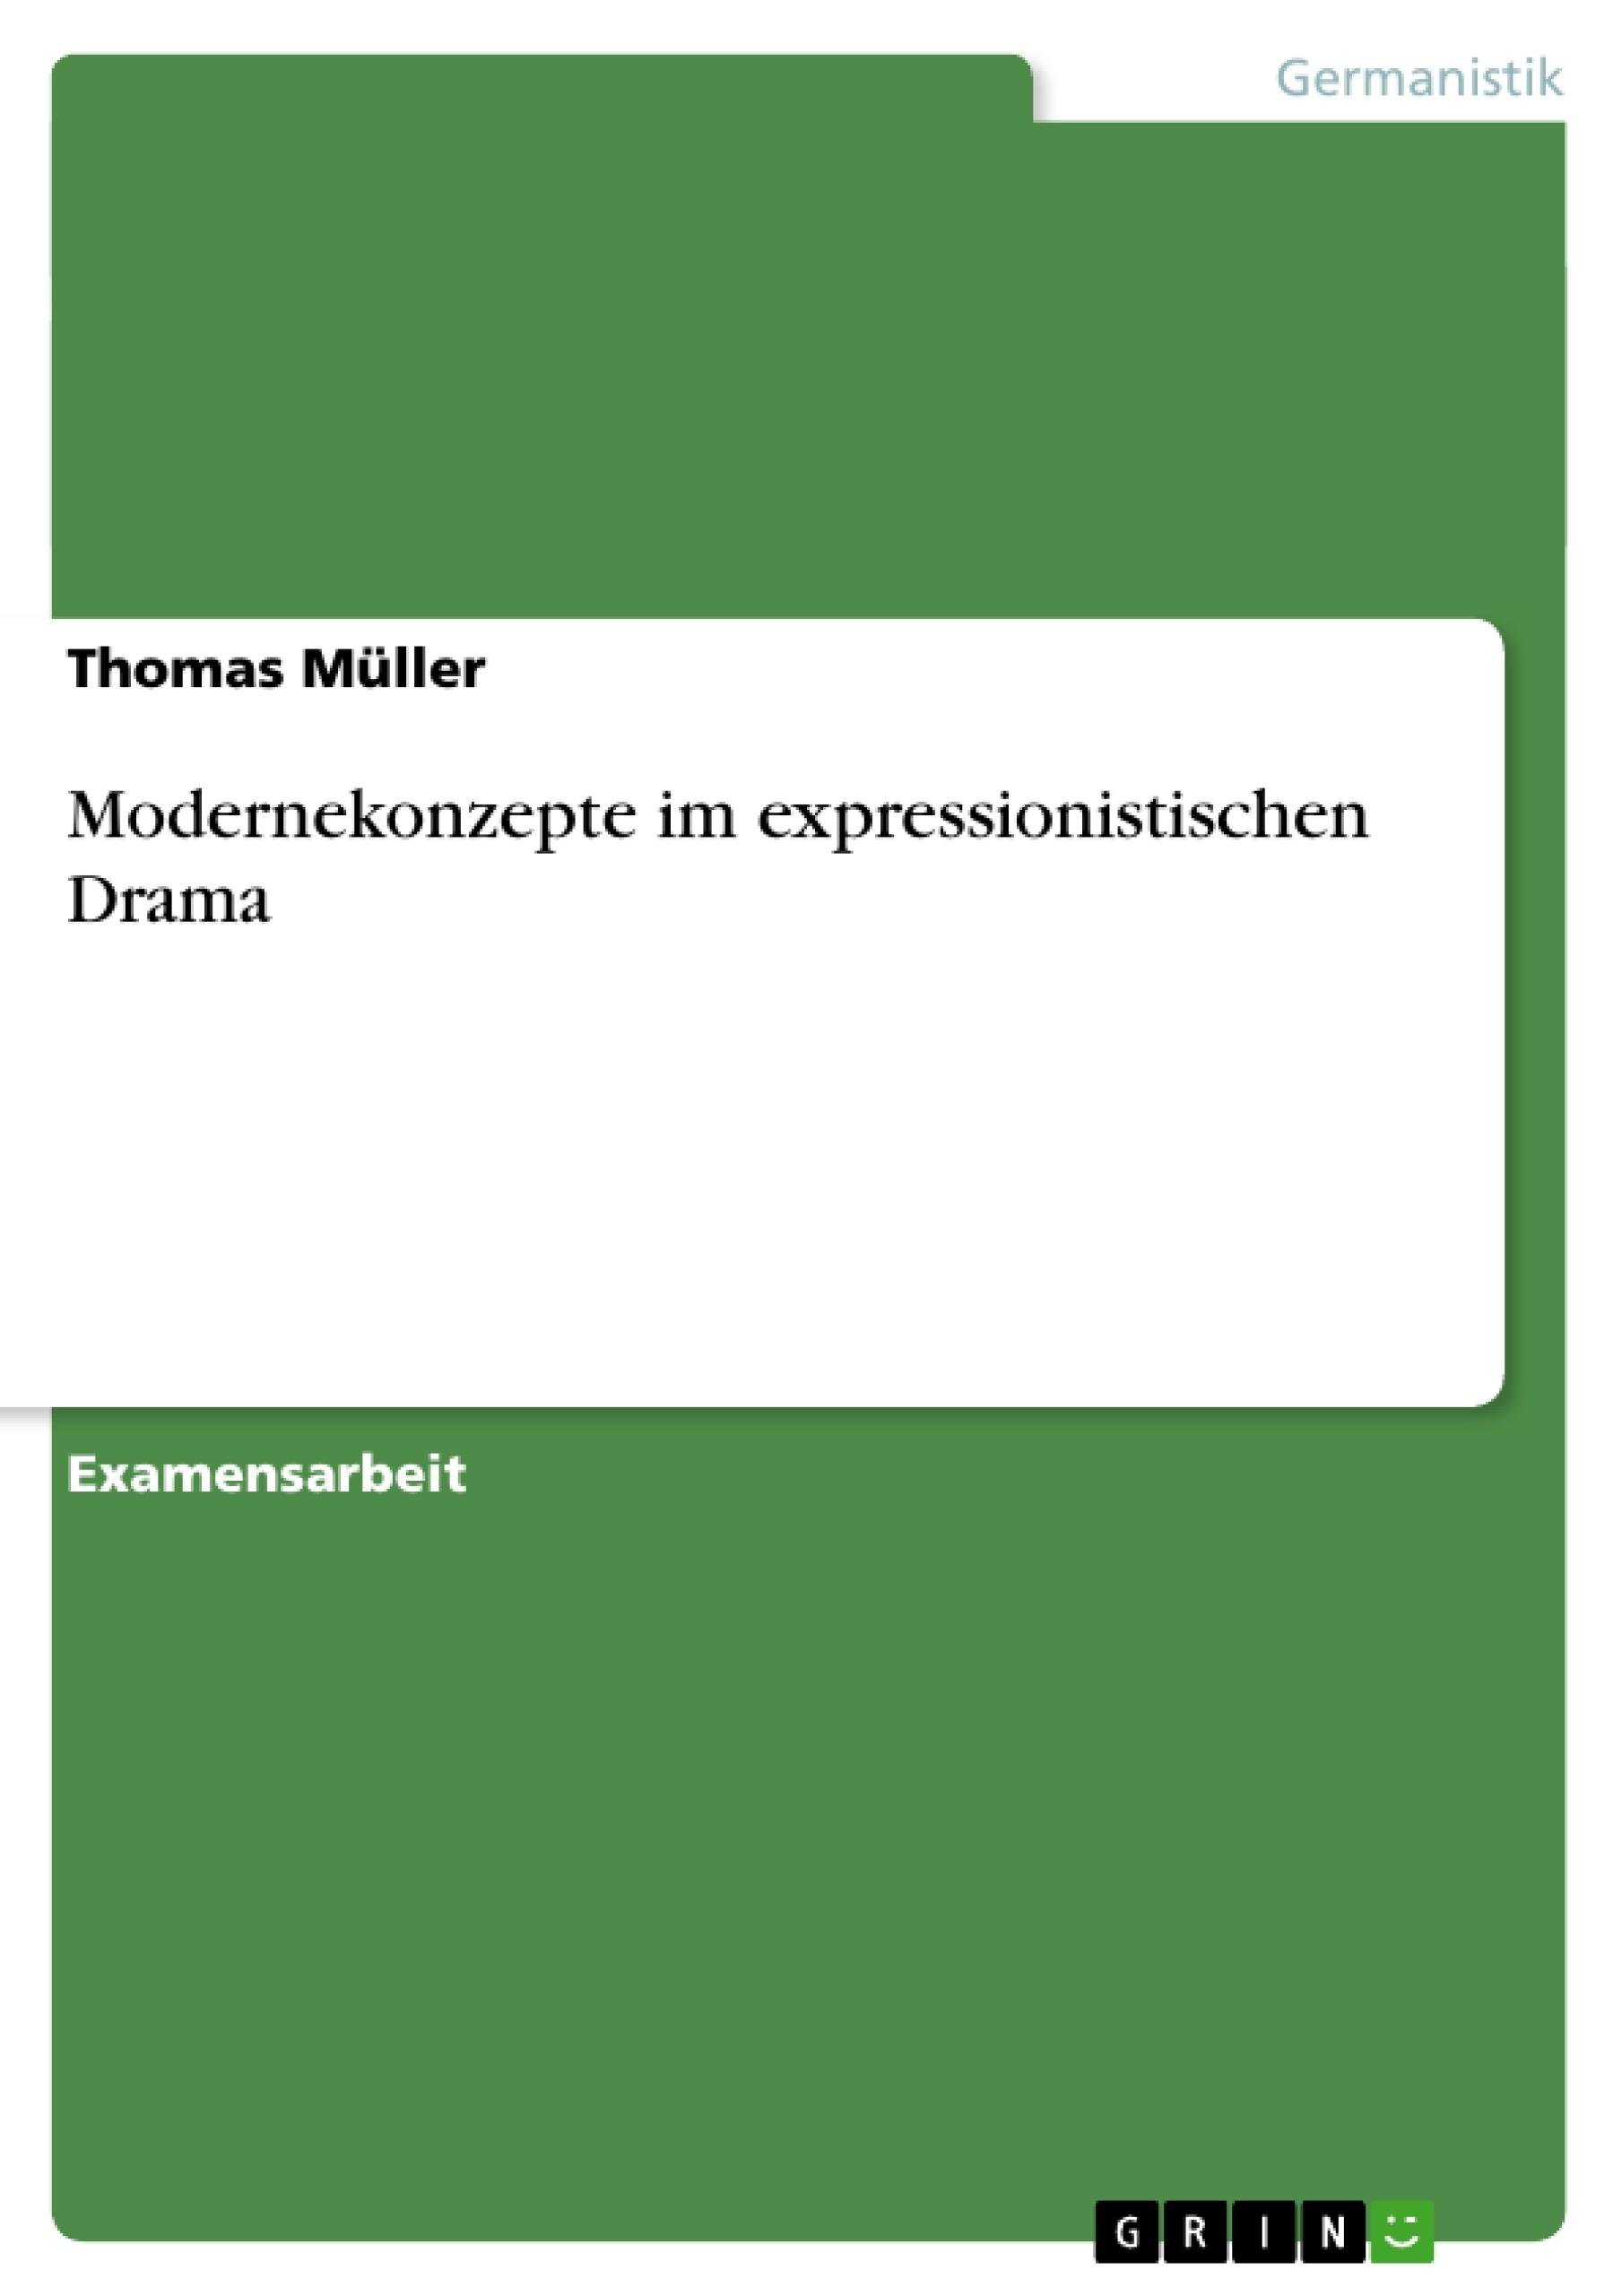 Titel: Modernekonzepte im expressionistischen Drama